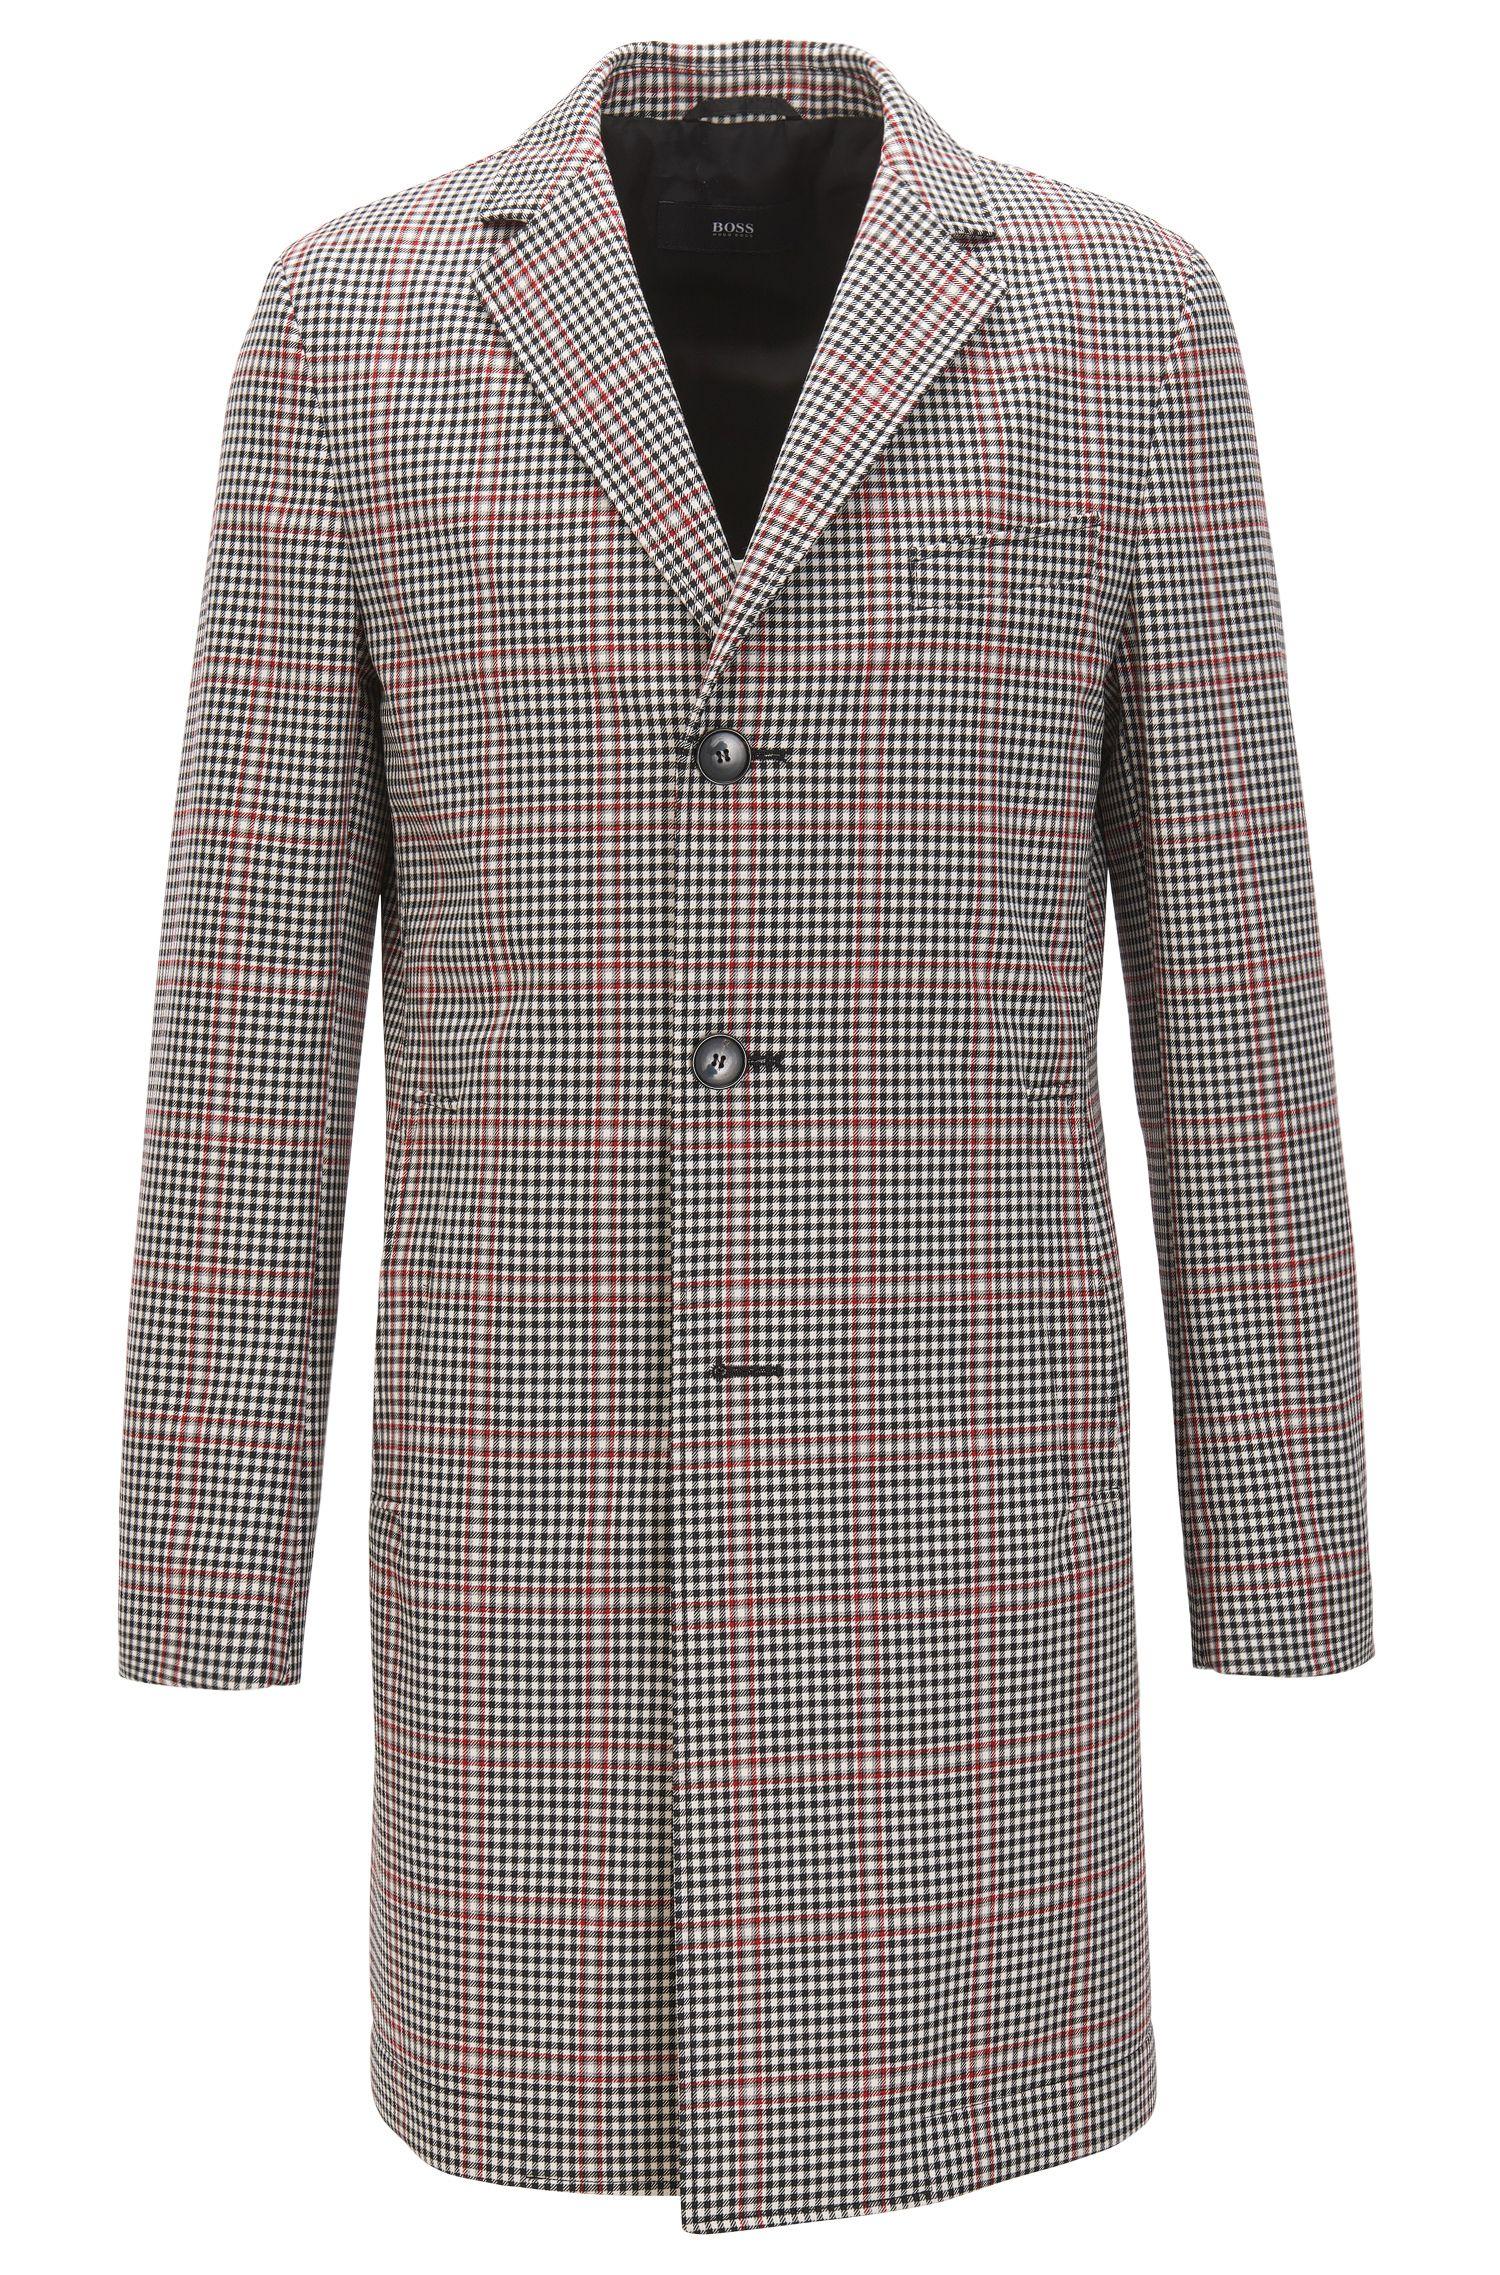 Slim-fit mantel van een gecoate wolmix